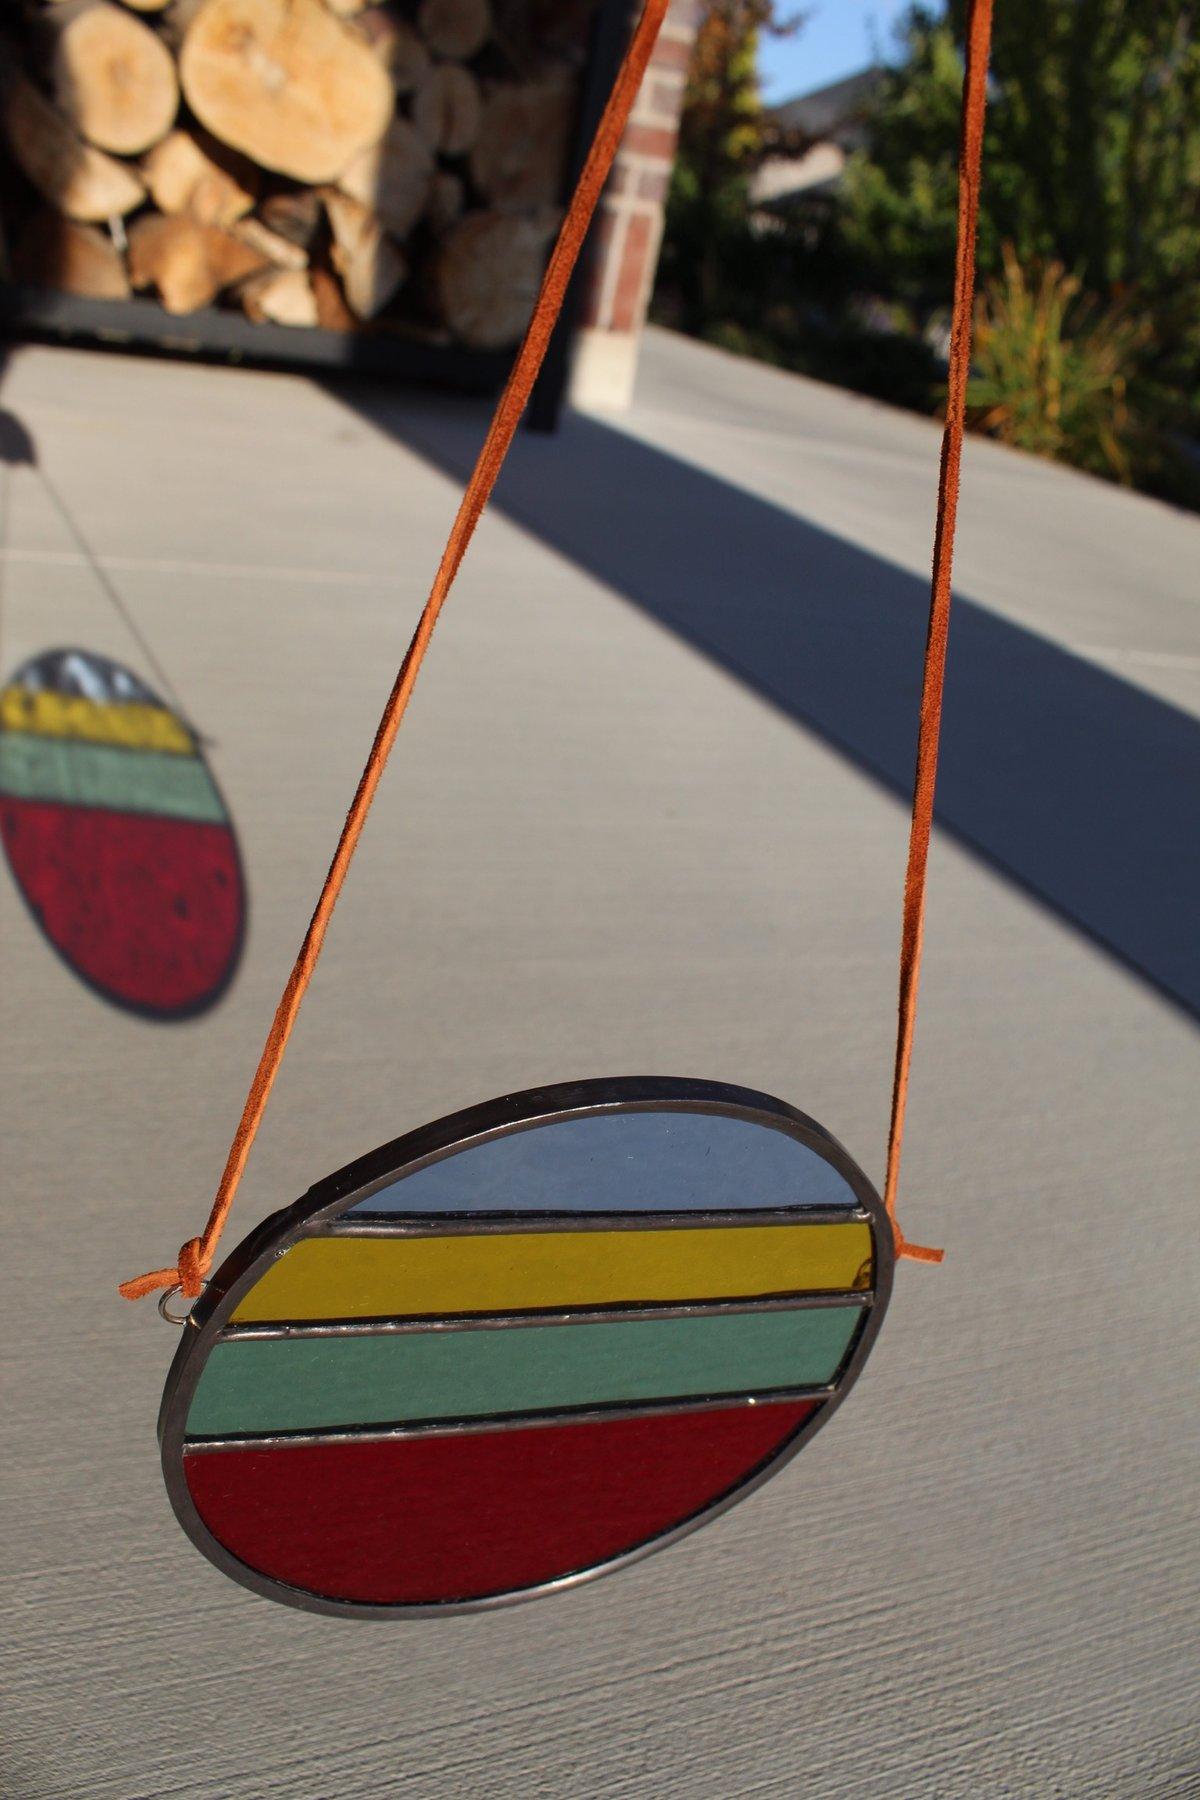 Image of Boardwalk